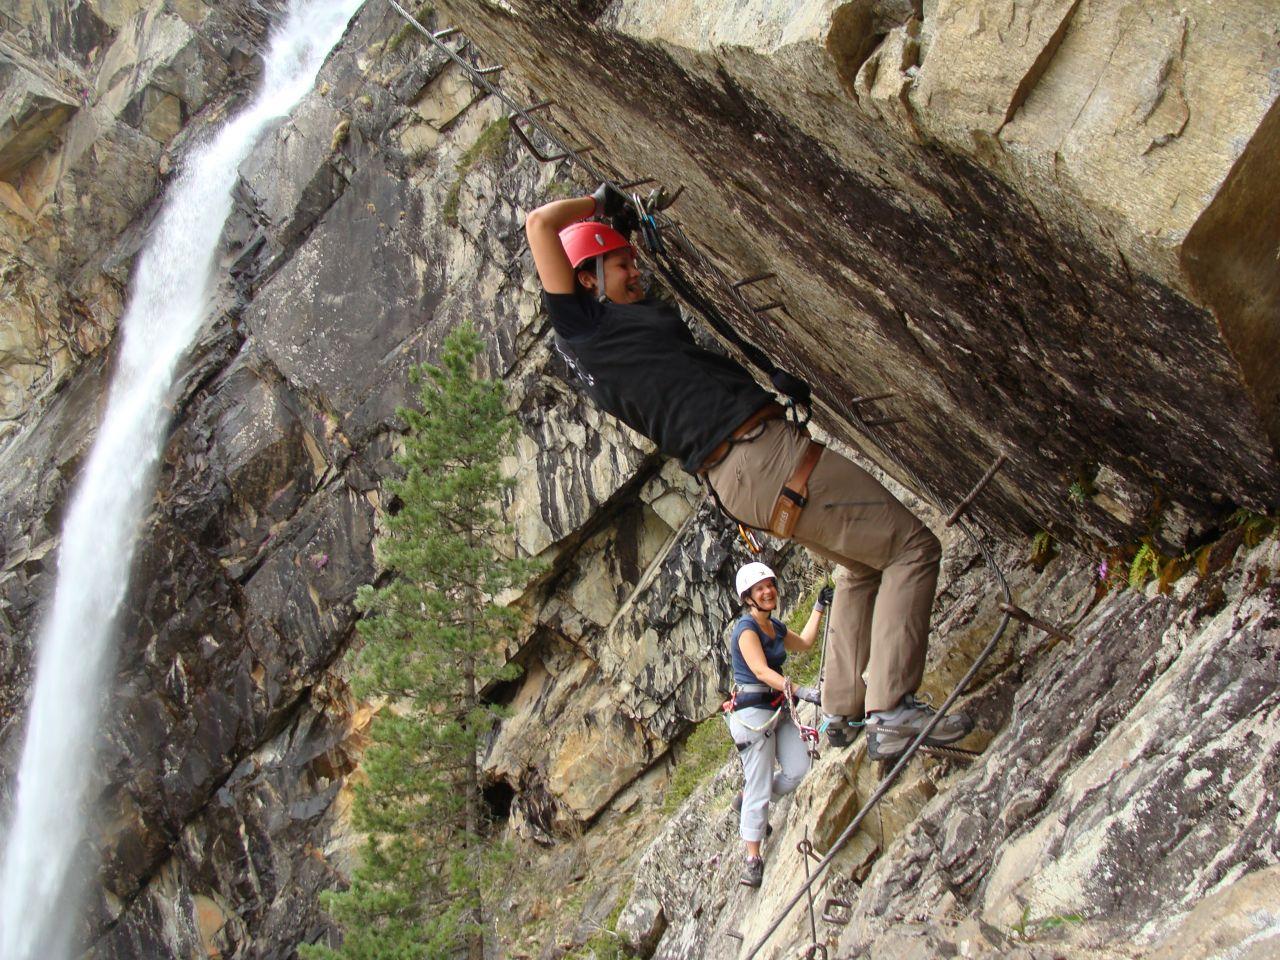 Klettersteig Lehner Wasserfall : Klettersteig lehner wasserfall 25.4. und 4.5.2014 alpenverein